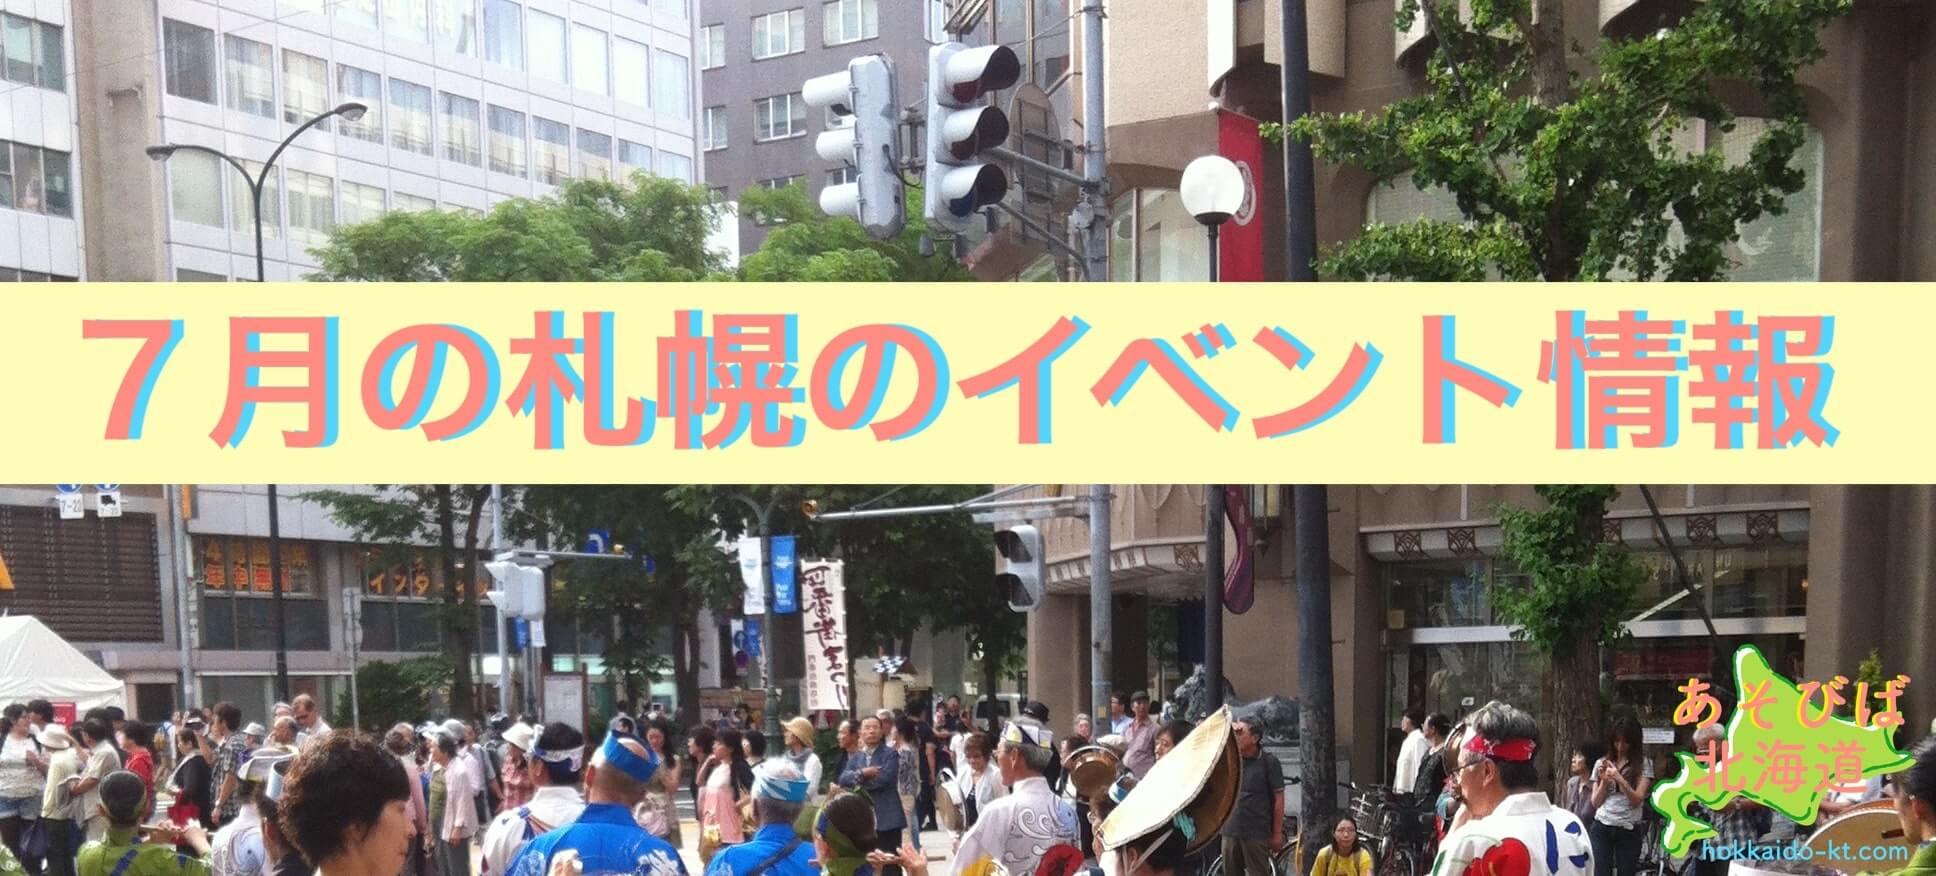 7月札幌イベントアイキャッチ